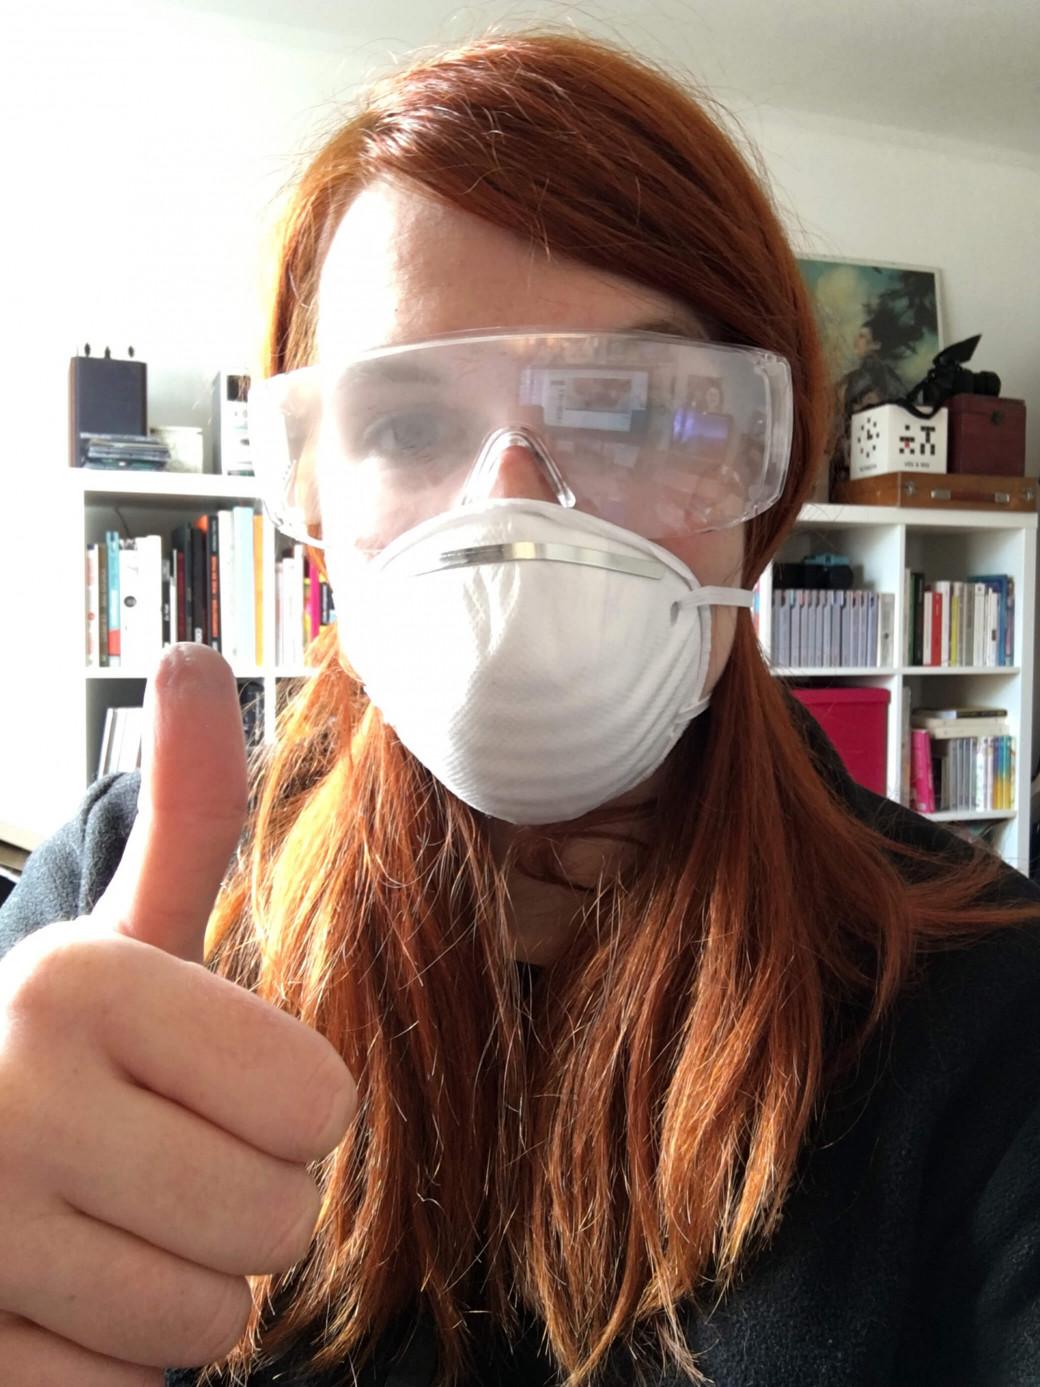 Le port d'un masque et de lunettes de protection est recommandé